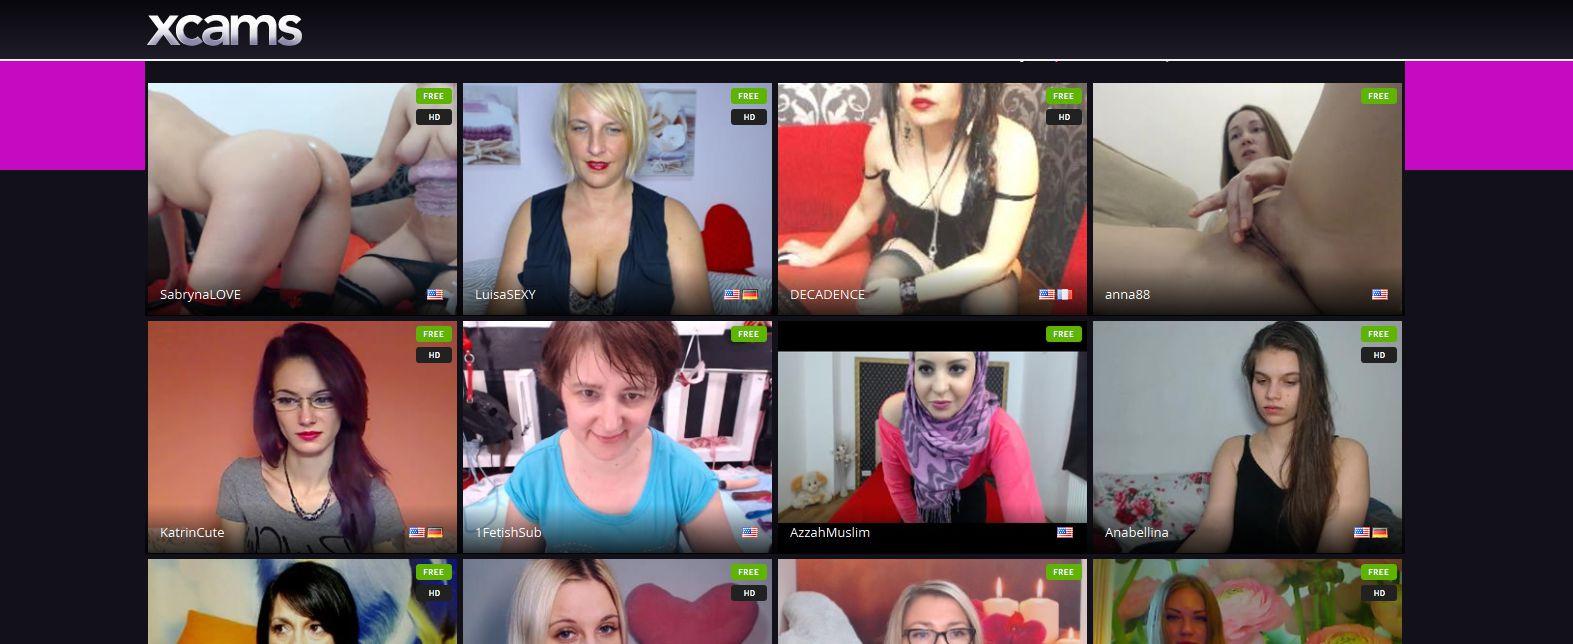 XCams.com live cams